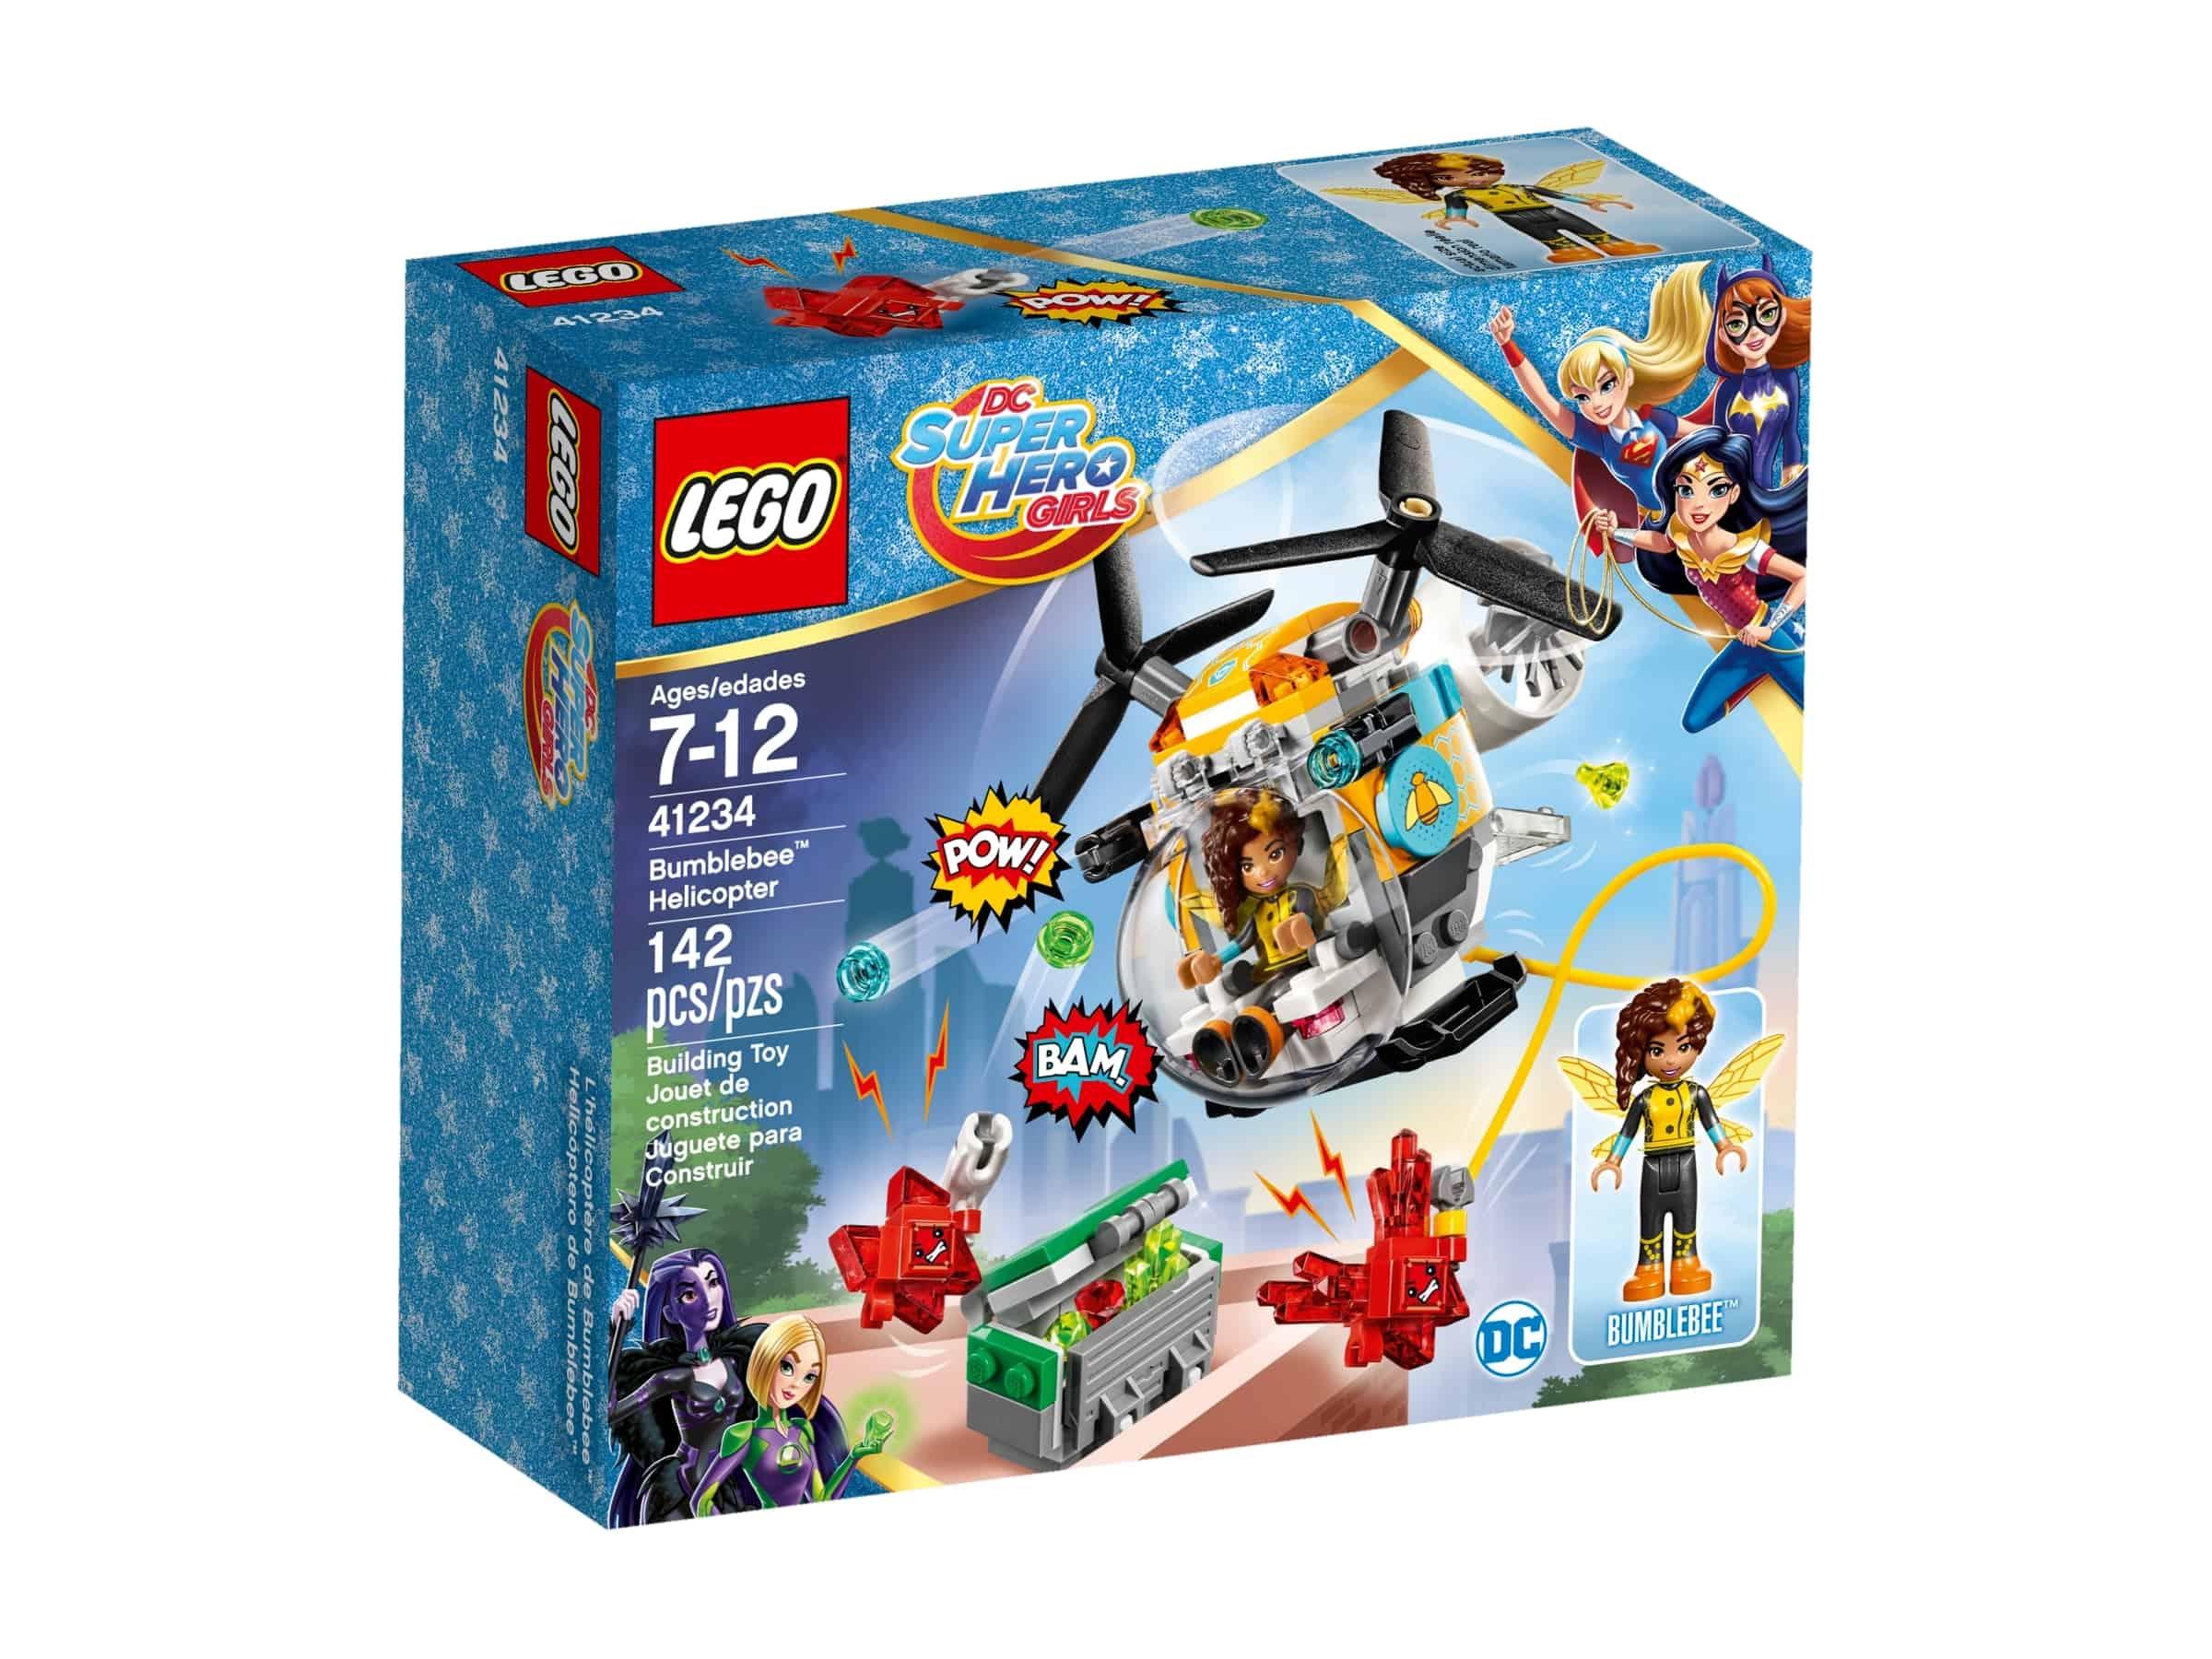 lego 41234 bumblebee med helikopter